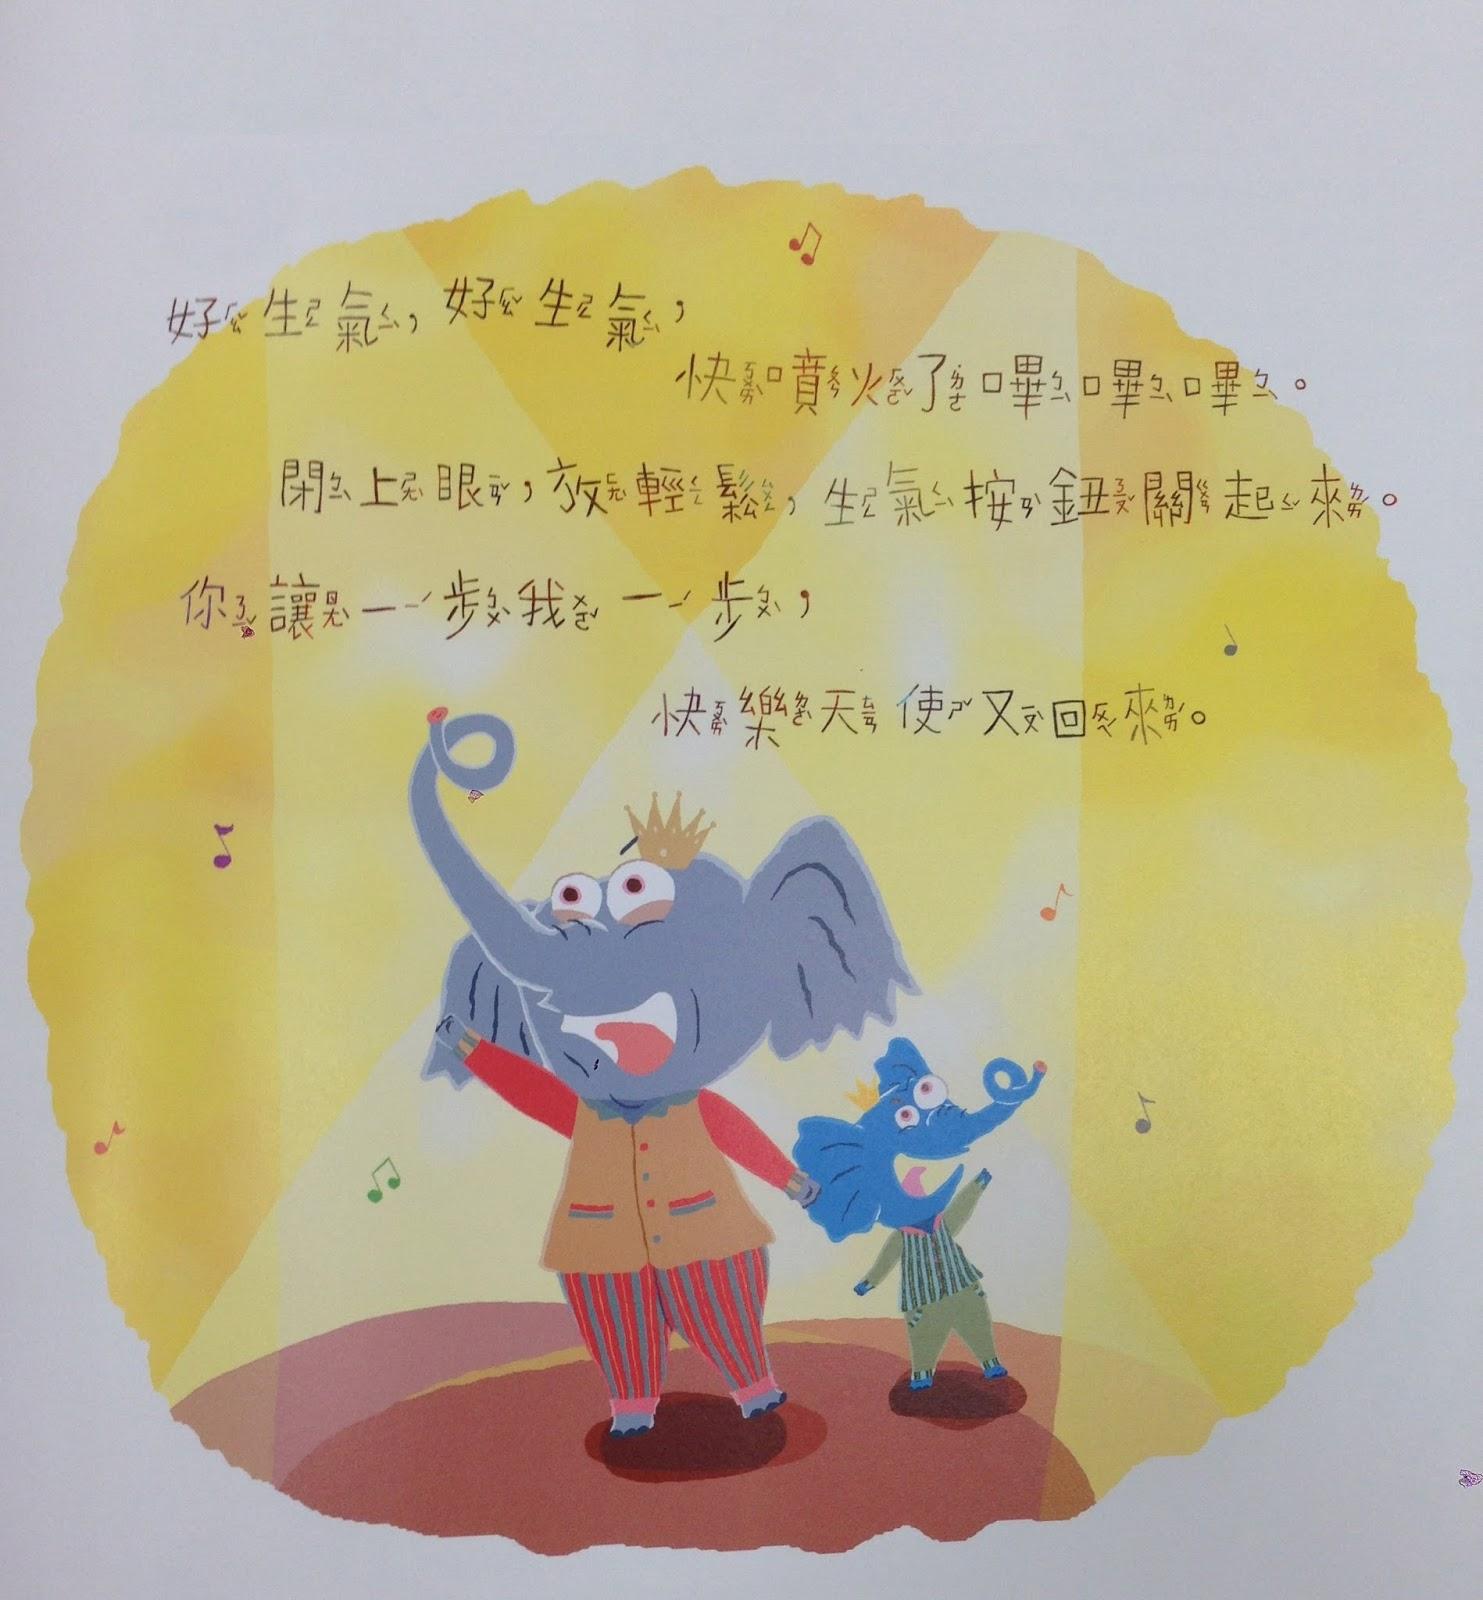 思賢馨語: 臺灣的繪本作家賴馬--生氣王子